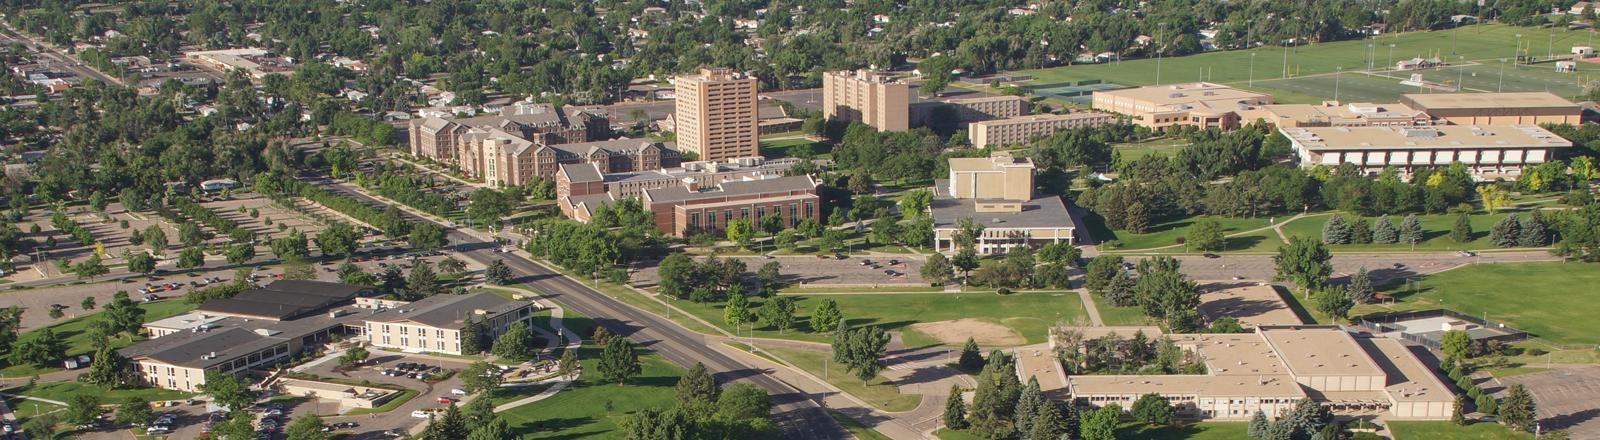 UNC campus view